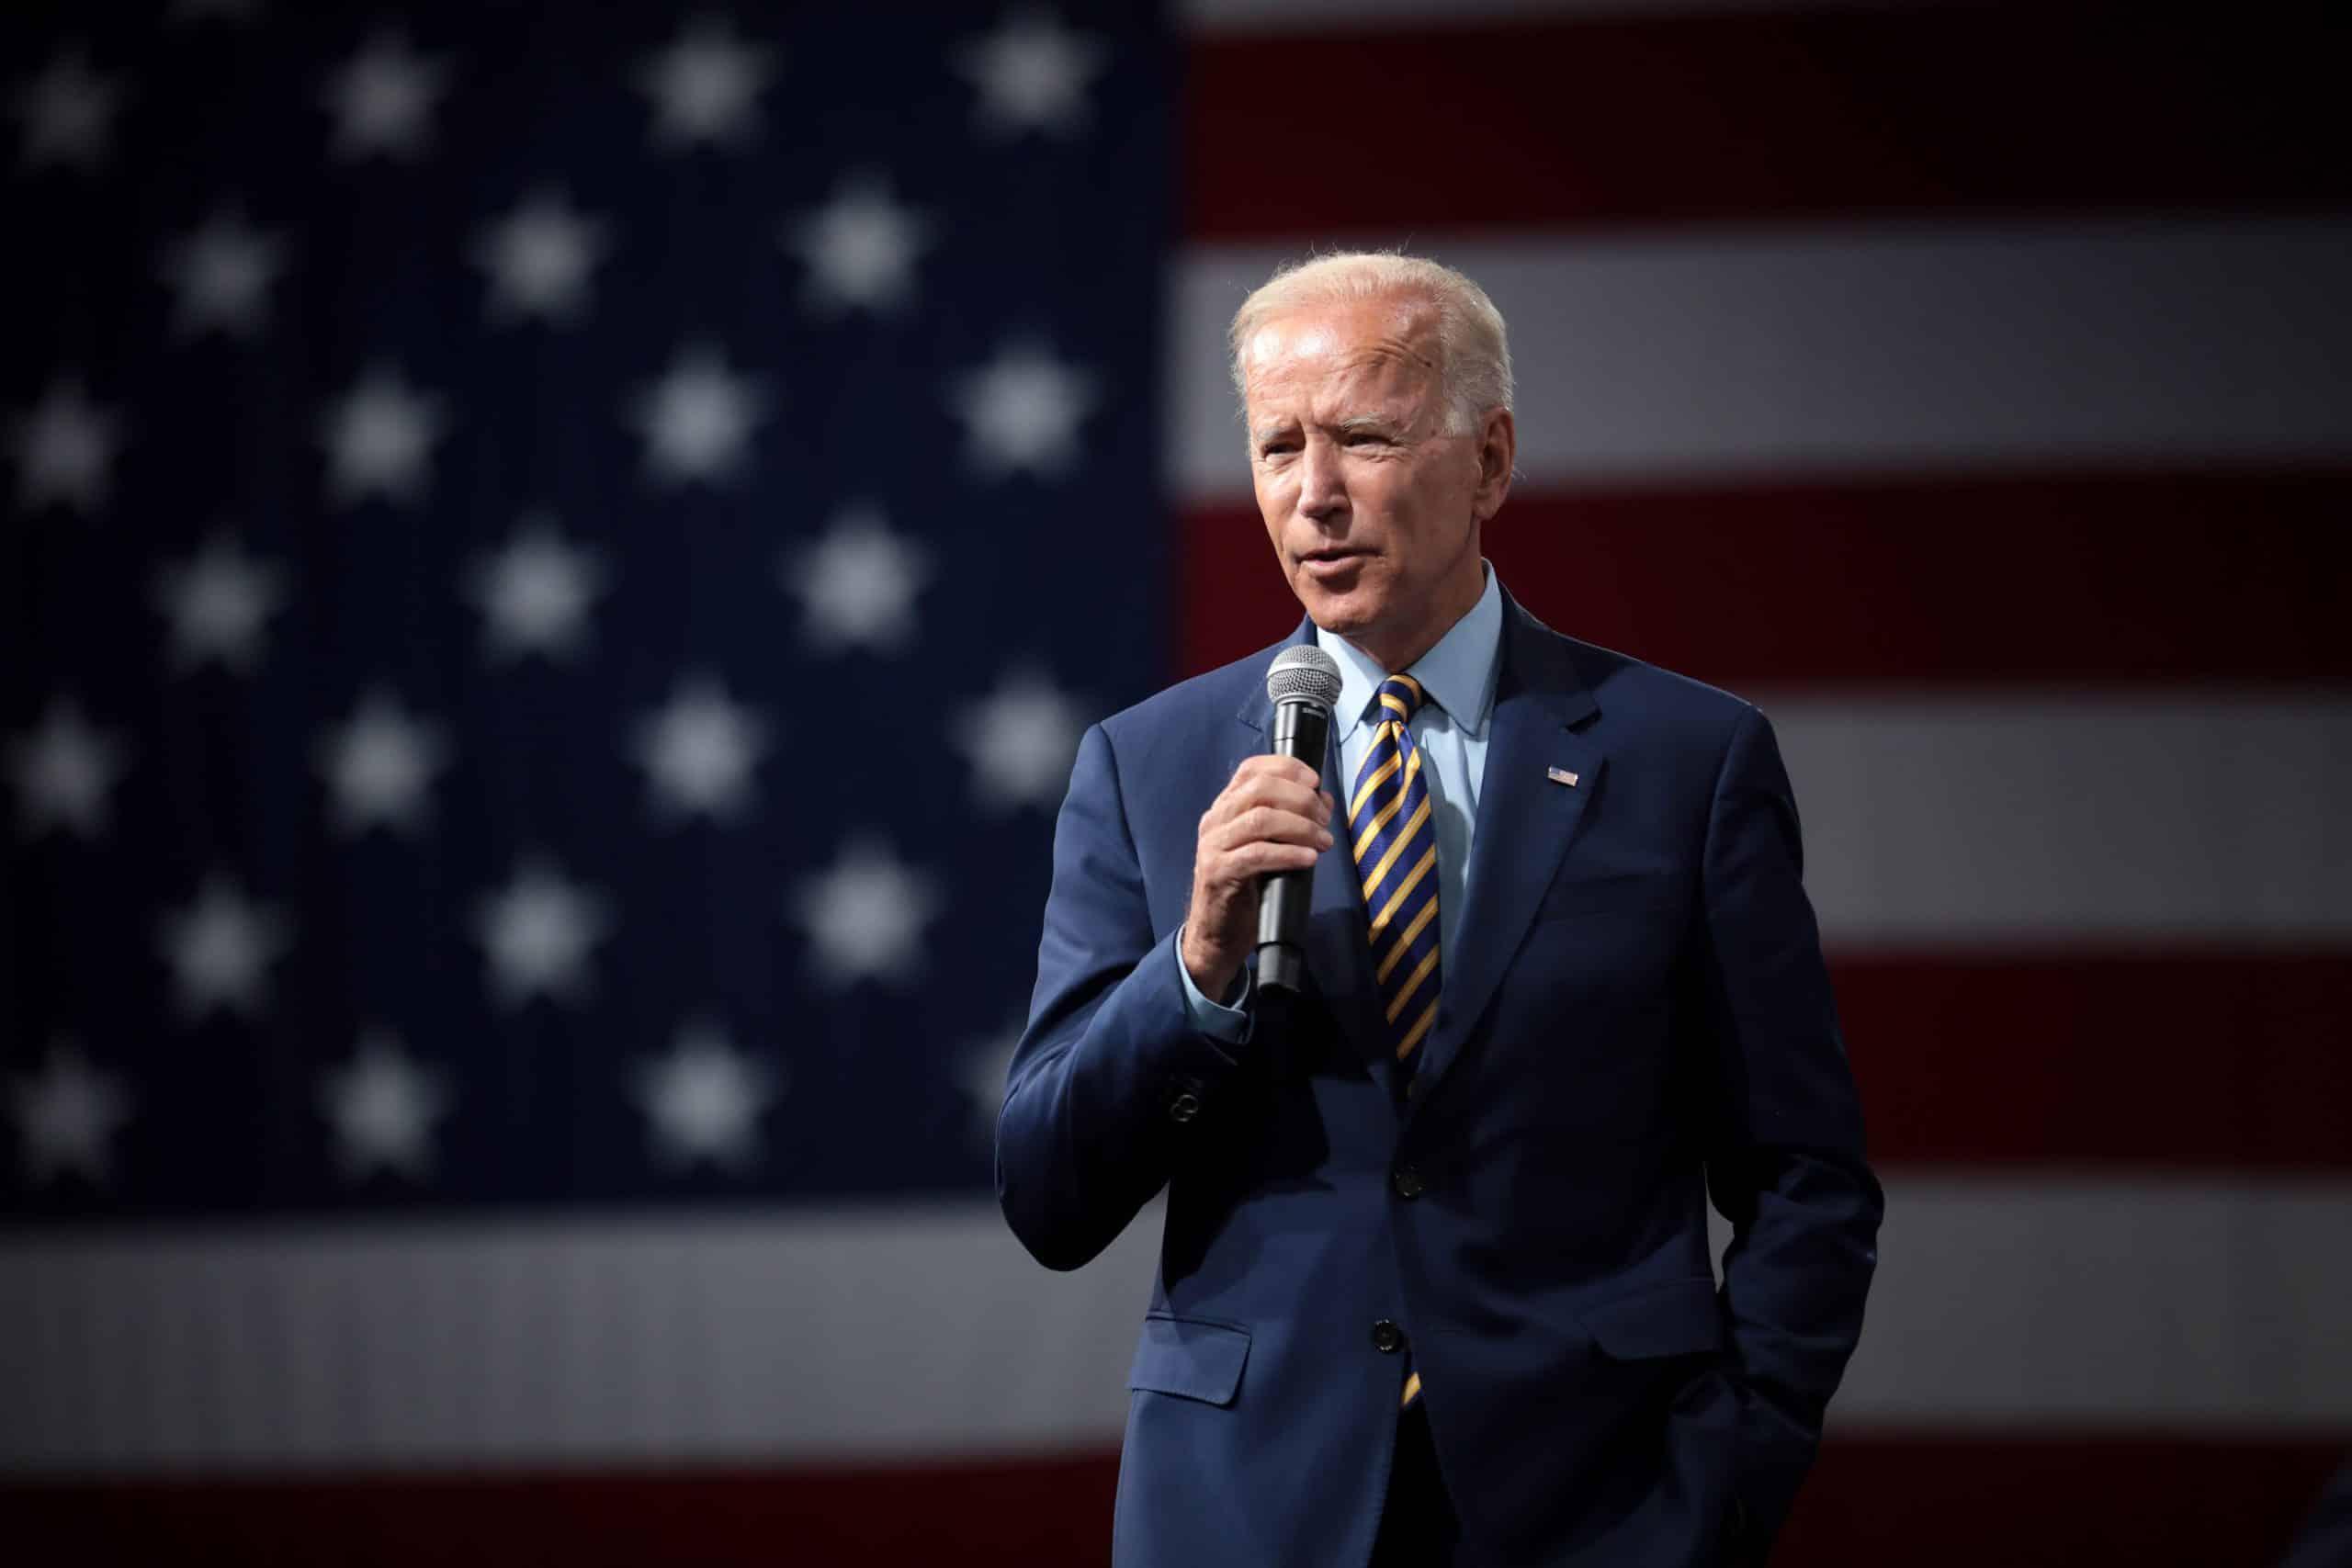 Les défis du prochain président des États-Unis : emploi, concurrence, commerce